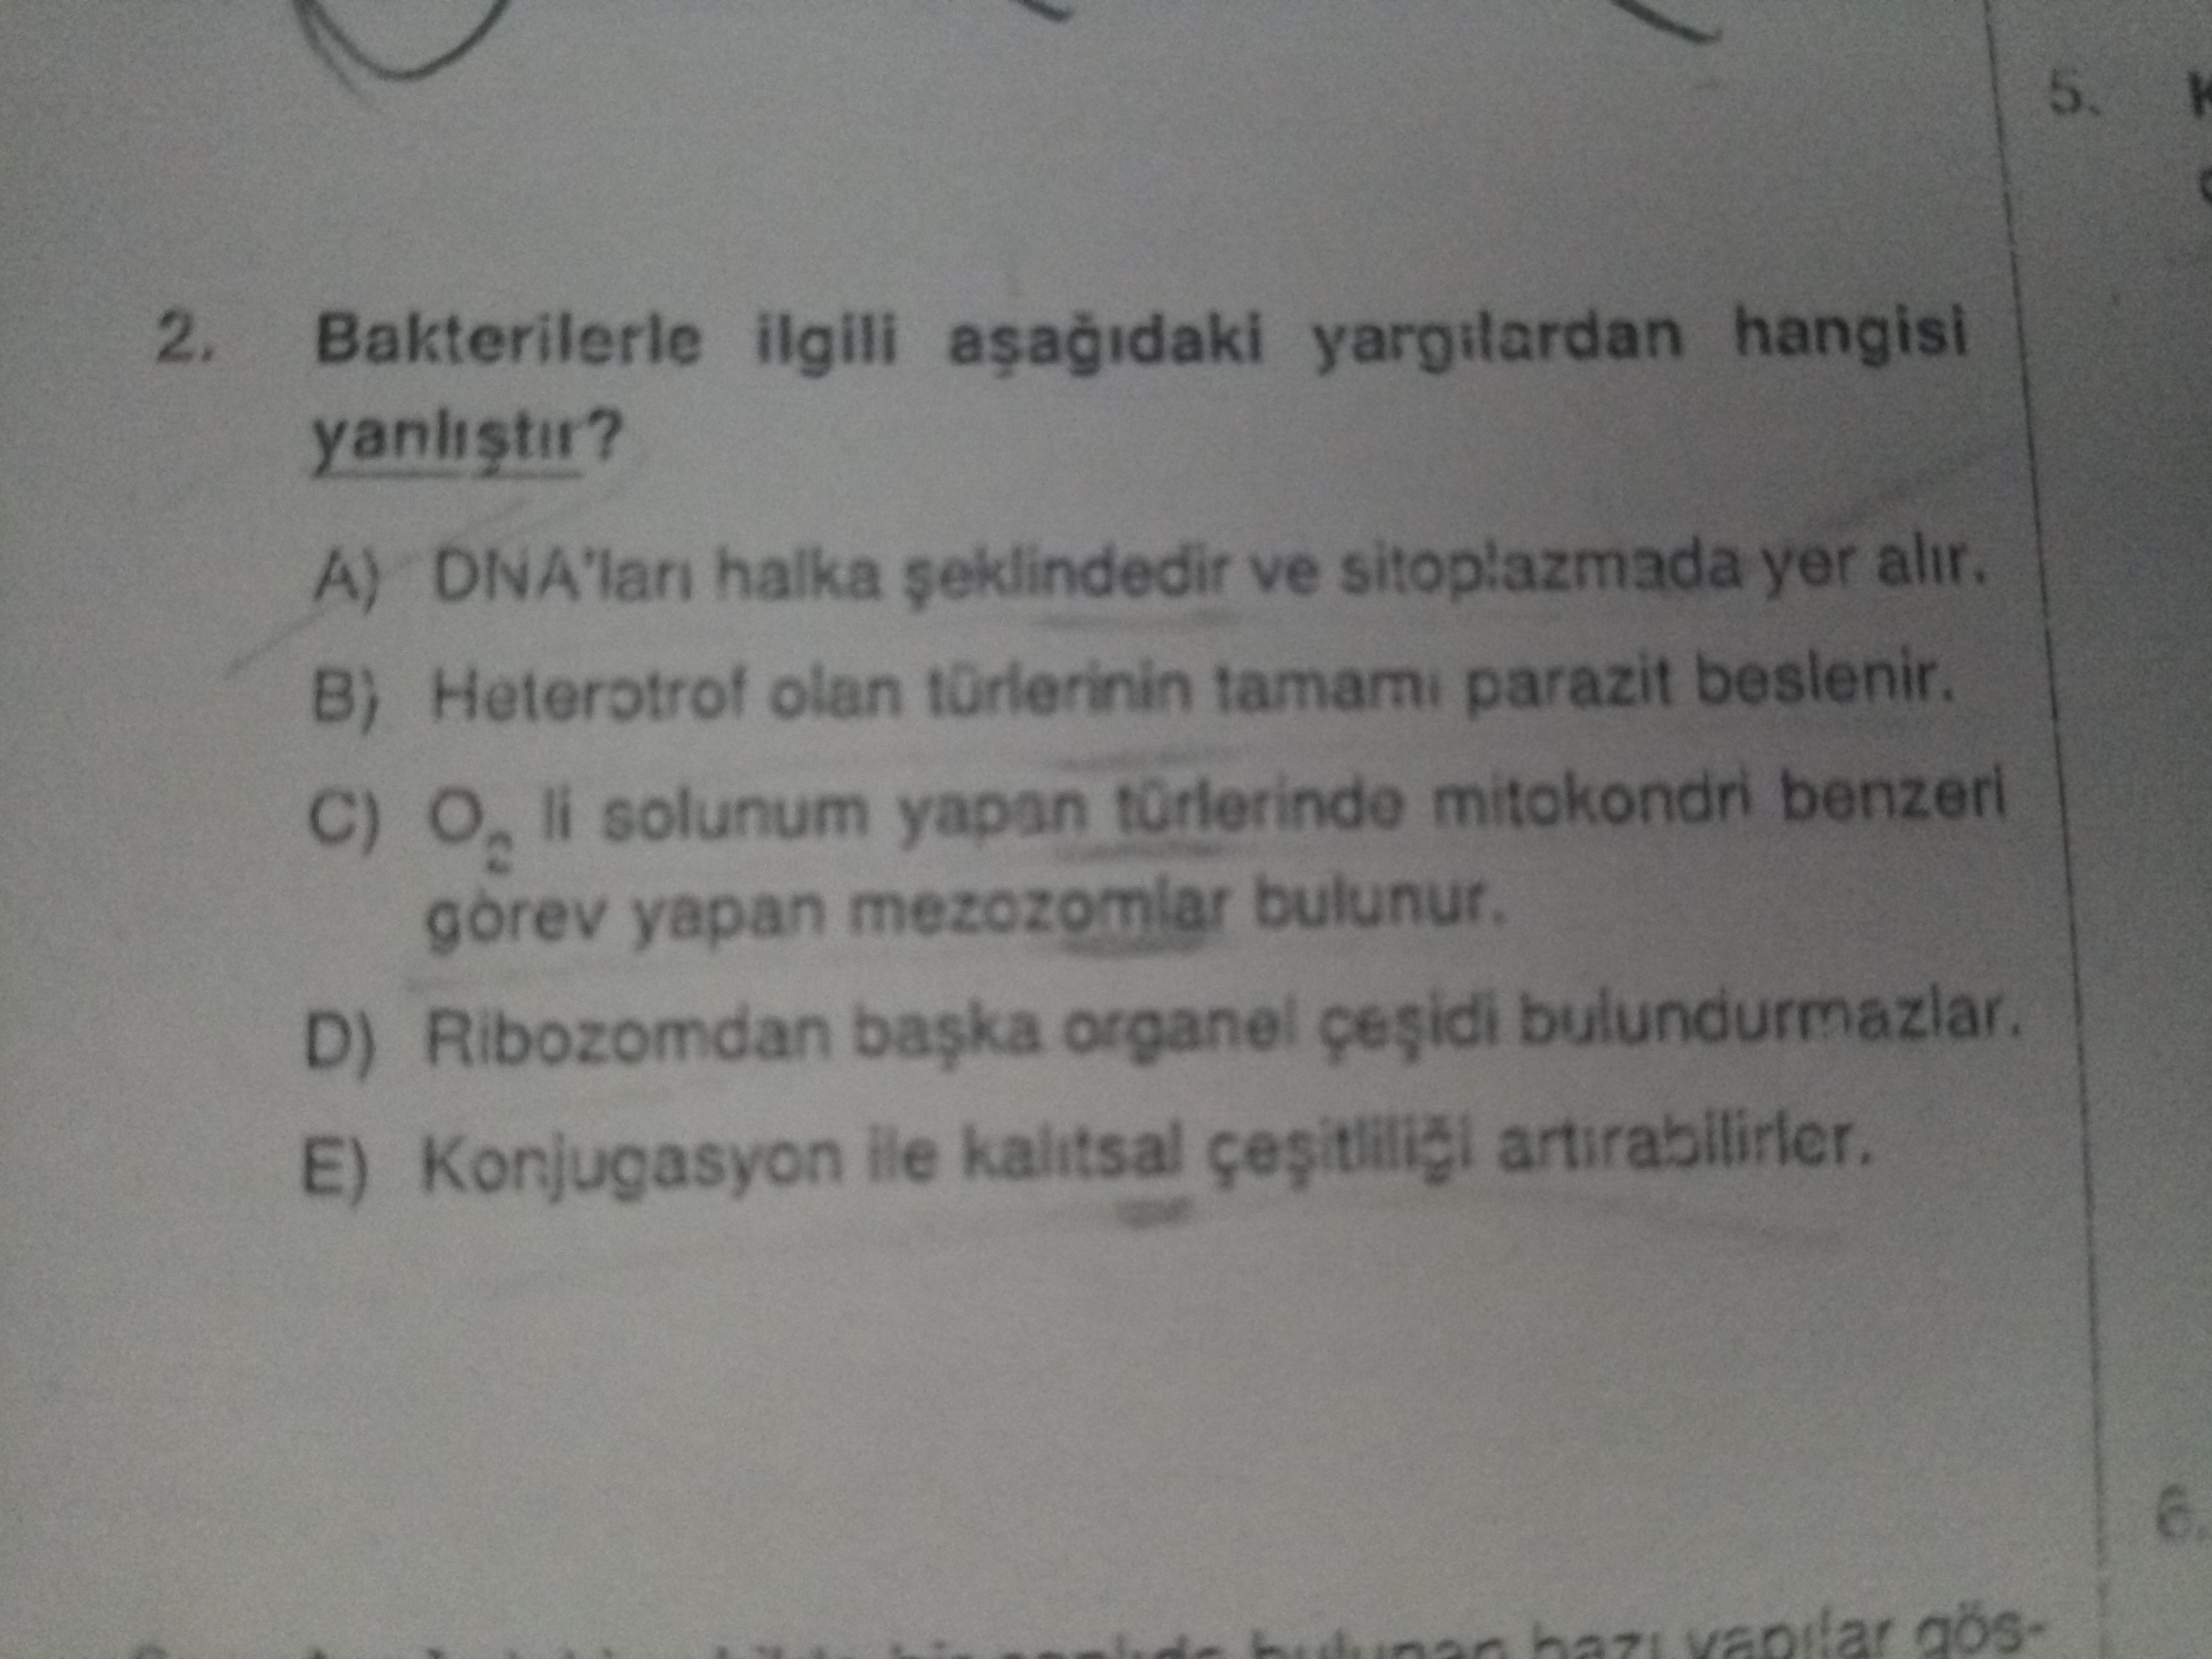 parazit heterotrof)